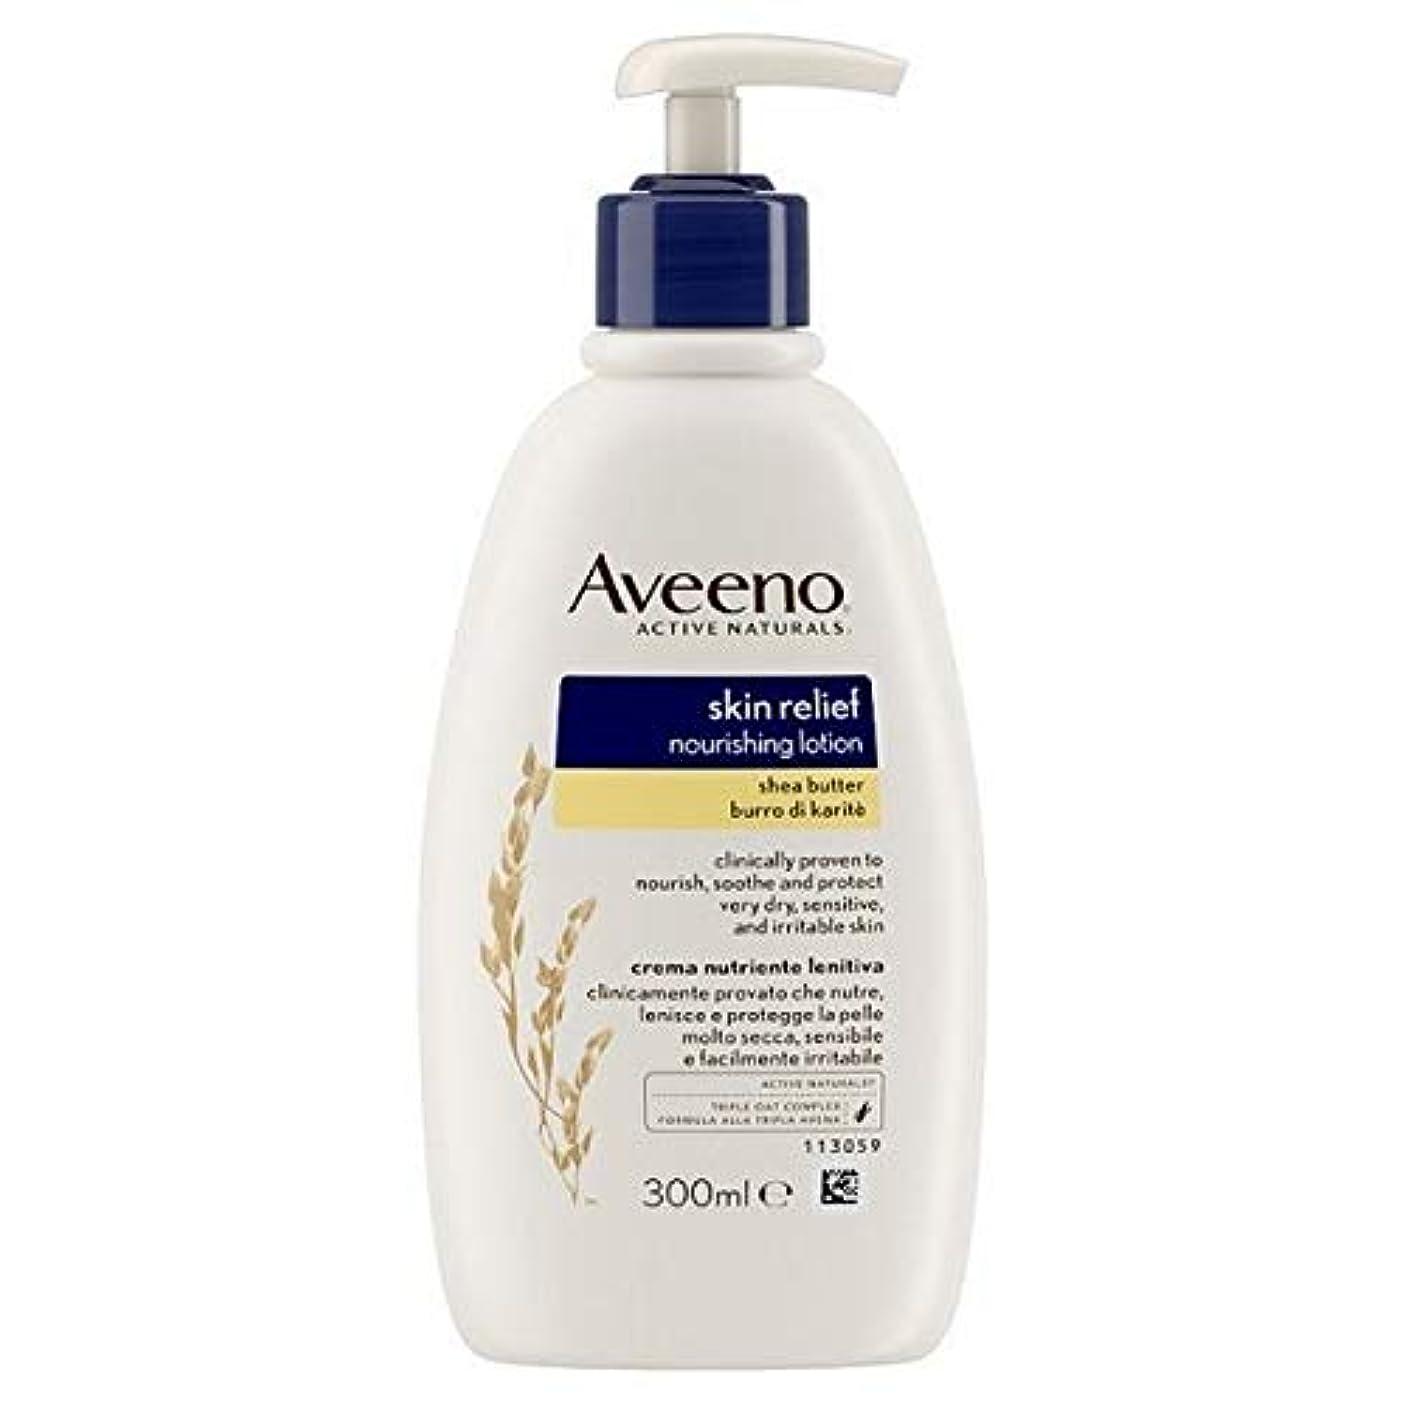 懲戒歩行者建てる[Aveeno] Aveenoスキンリリーフローション300ミリリットル - Aveeno Skin Relief Lotion 300ml [並行輸入品]